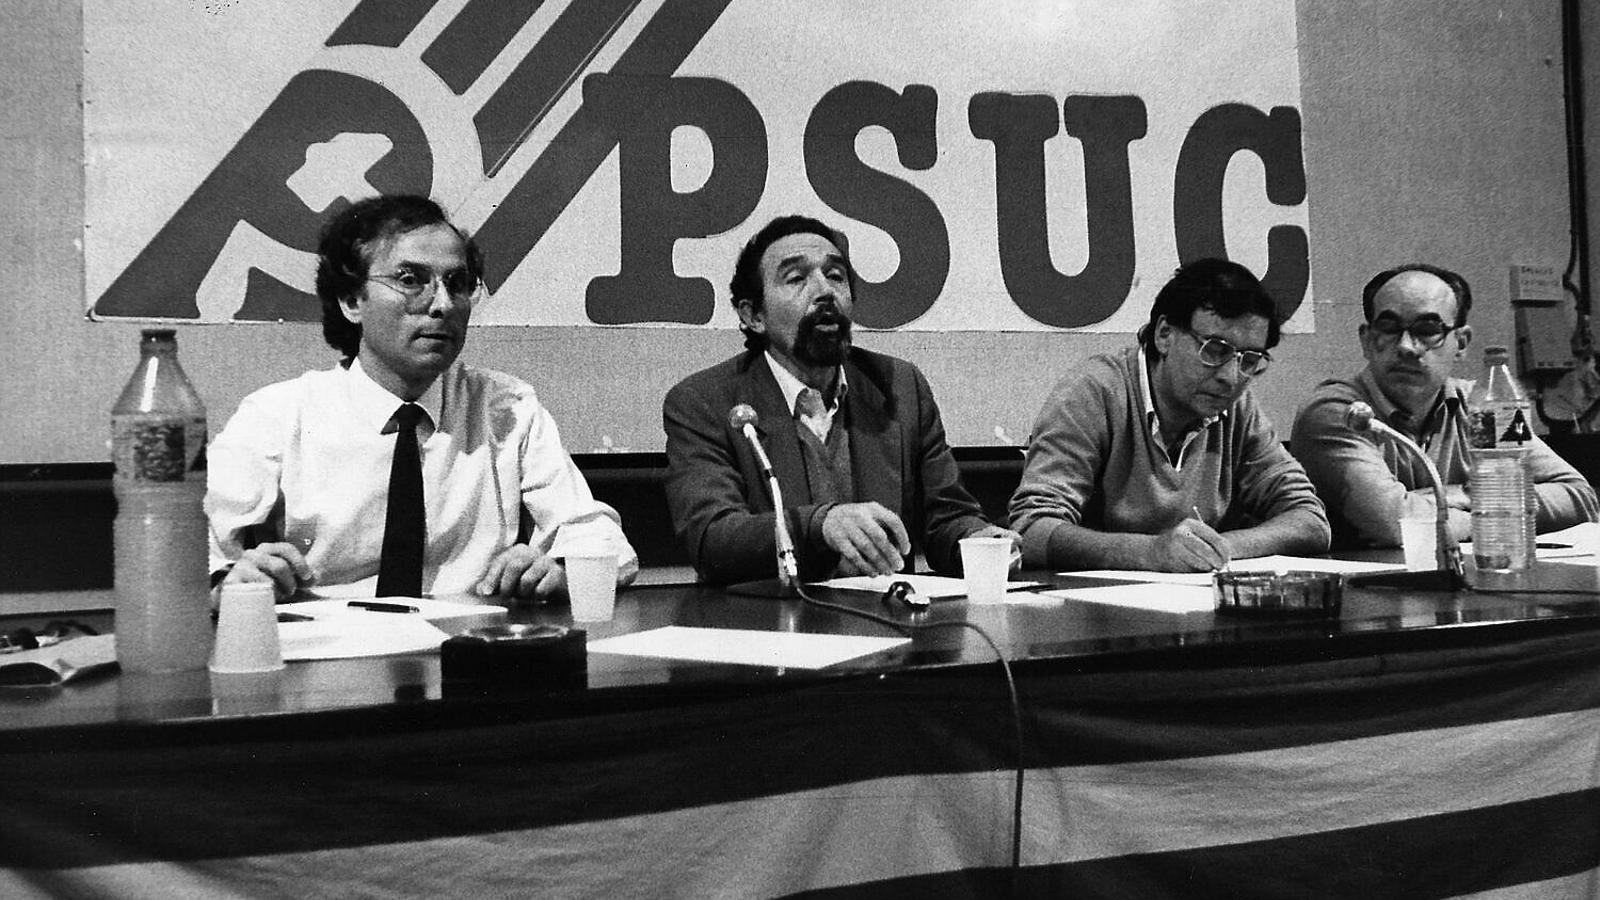 D'esquerra a dreta, Rafael Ribó, Antoni Gutiérrez, Jordi Conill i Ramon Espasa als anys 70.